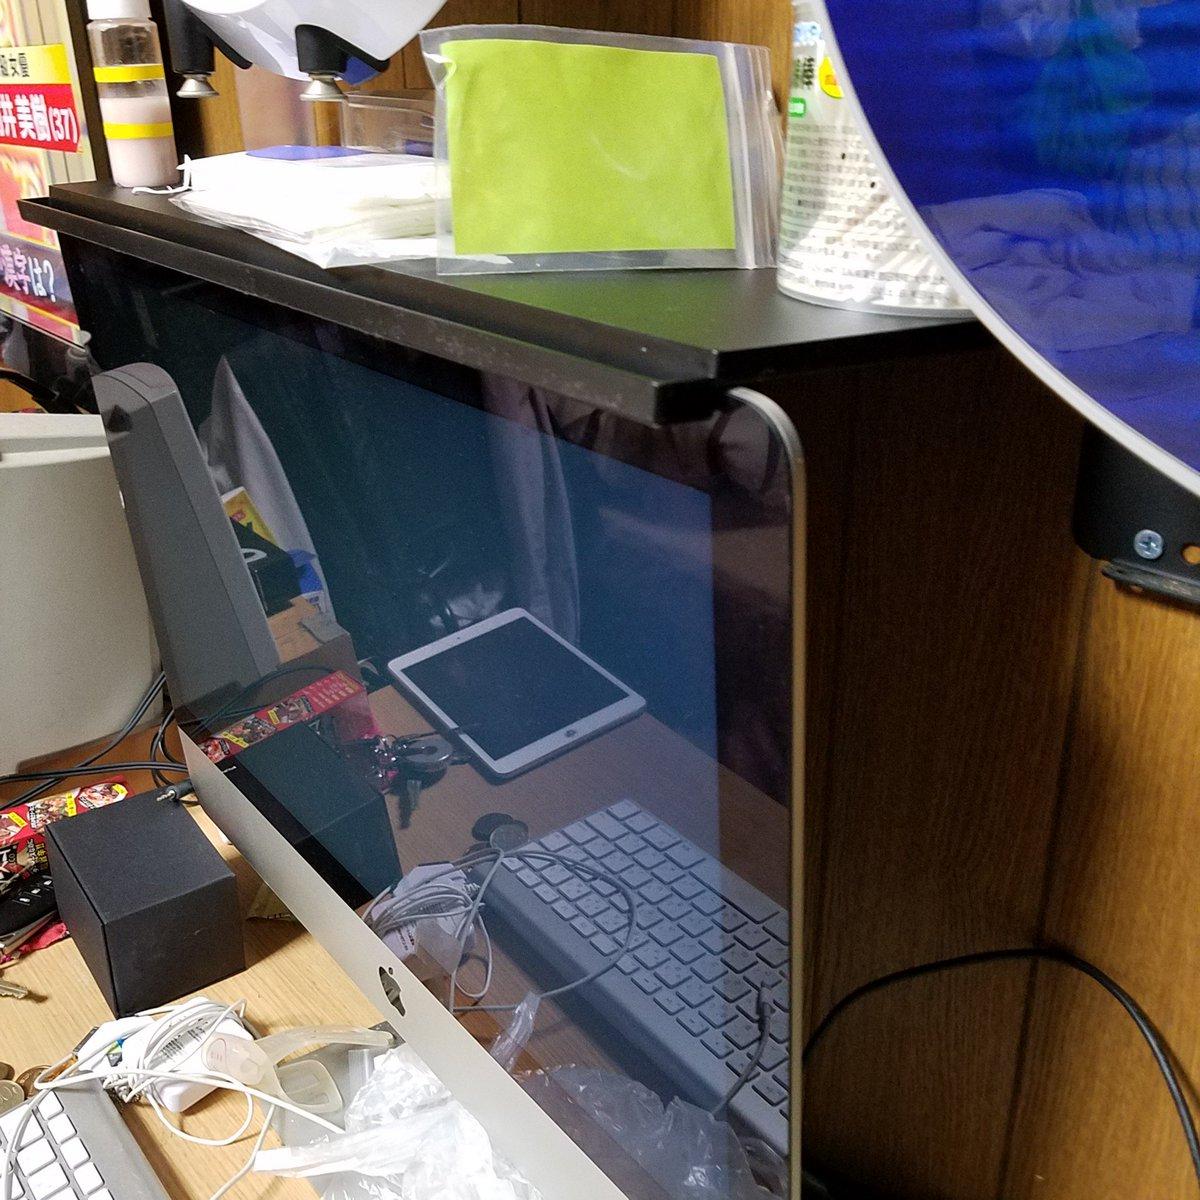 机の上をさっぱりしたくって便利な物を見つけたヨ〜♪ キングジム 棚 ディスプレイボード https://t.co/ZYnjGH1A8w  ディスプレーに引っ掛けるだけで簡単に設置。 うちのiMacにぴったりサイズでした。 https://t.co/qRlmZQUBKx